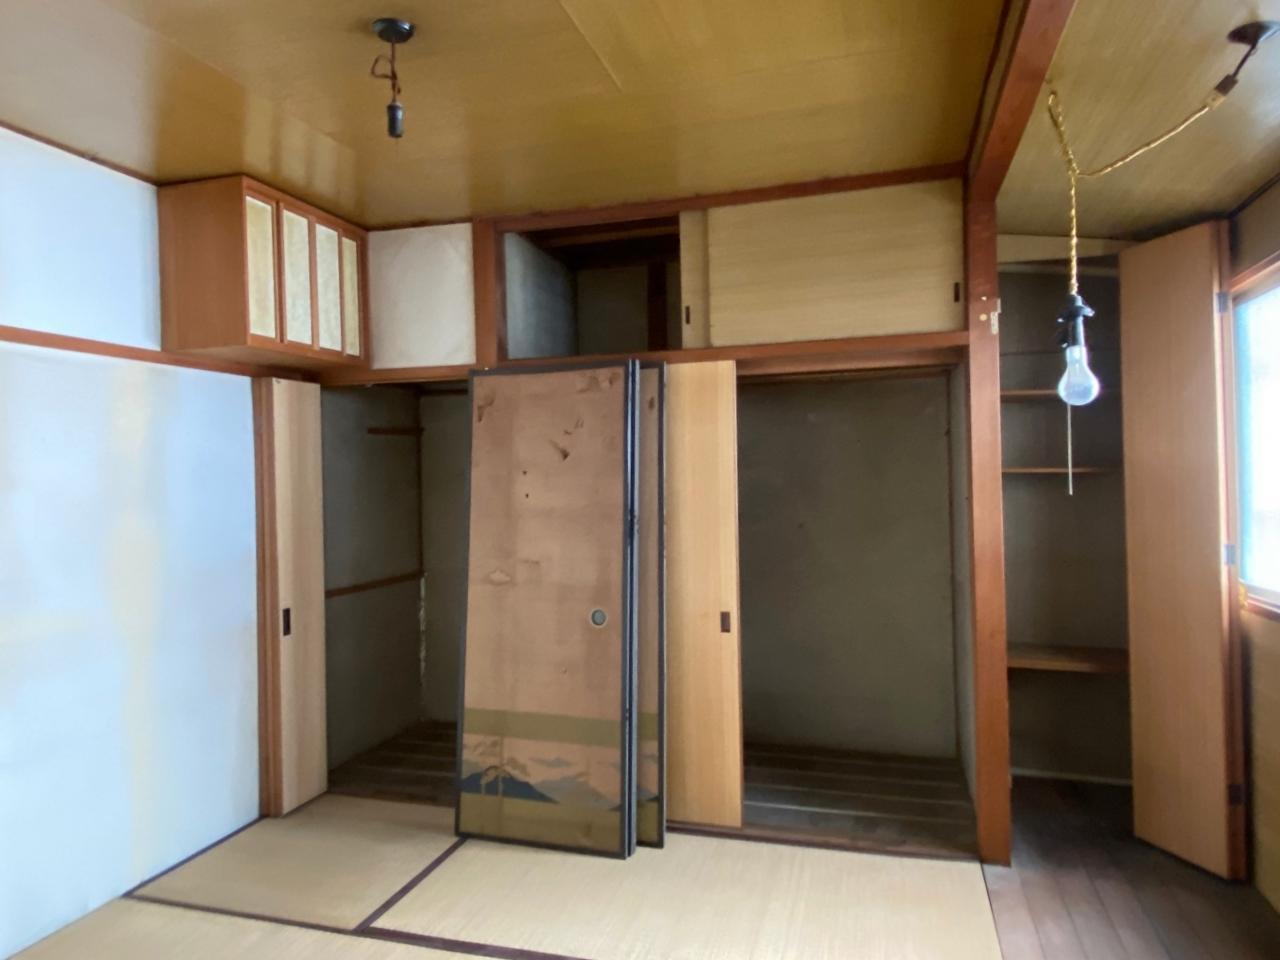 東側の和室。磨けば良くなりそうな雰囲気です